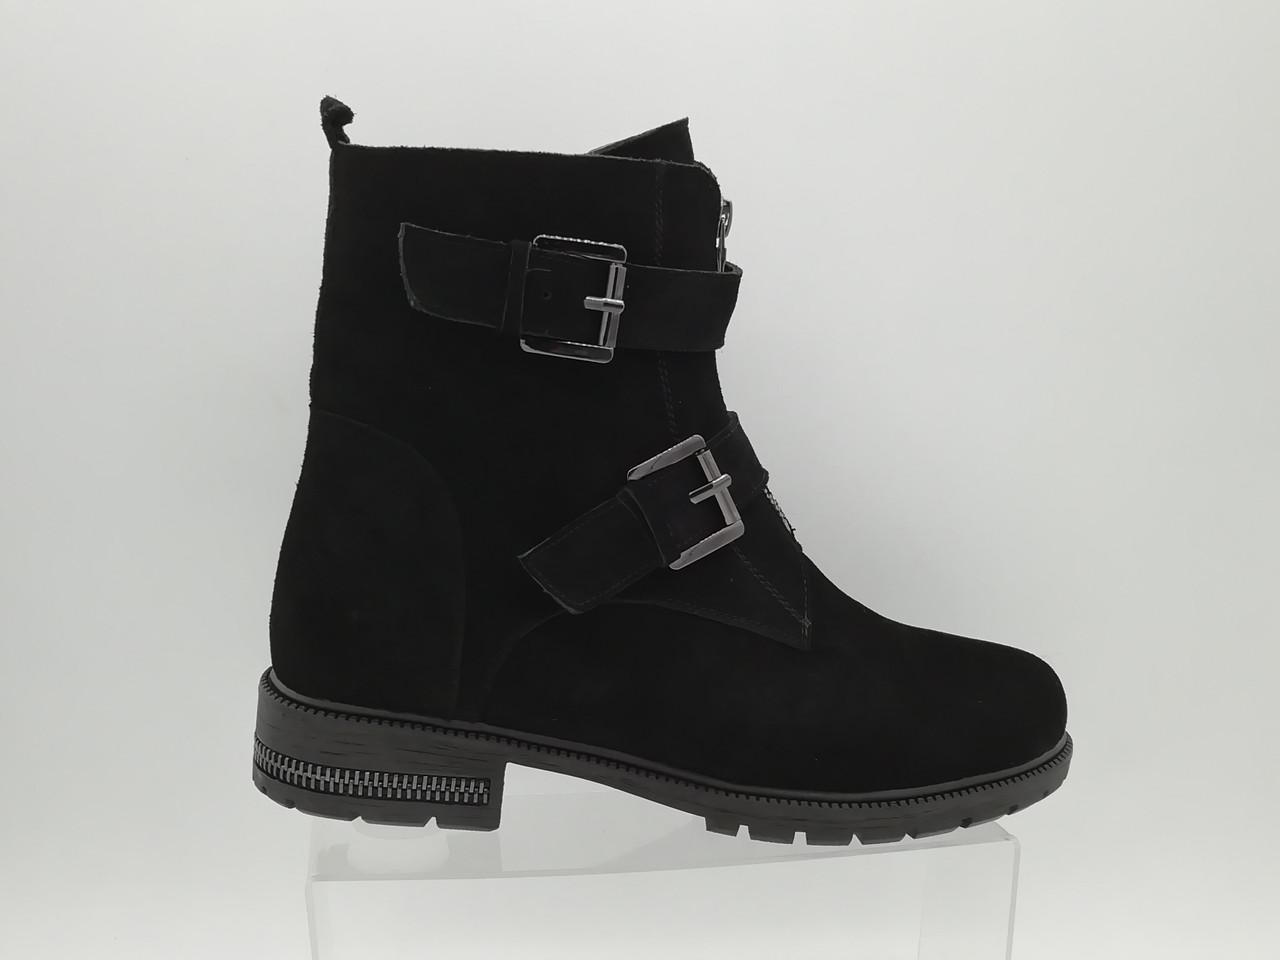 Замшеві зимові чоботи. Erisses. Великі розміри (41 - 43).